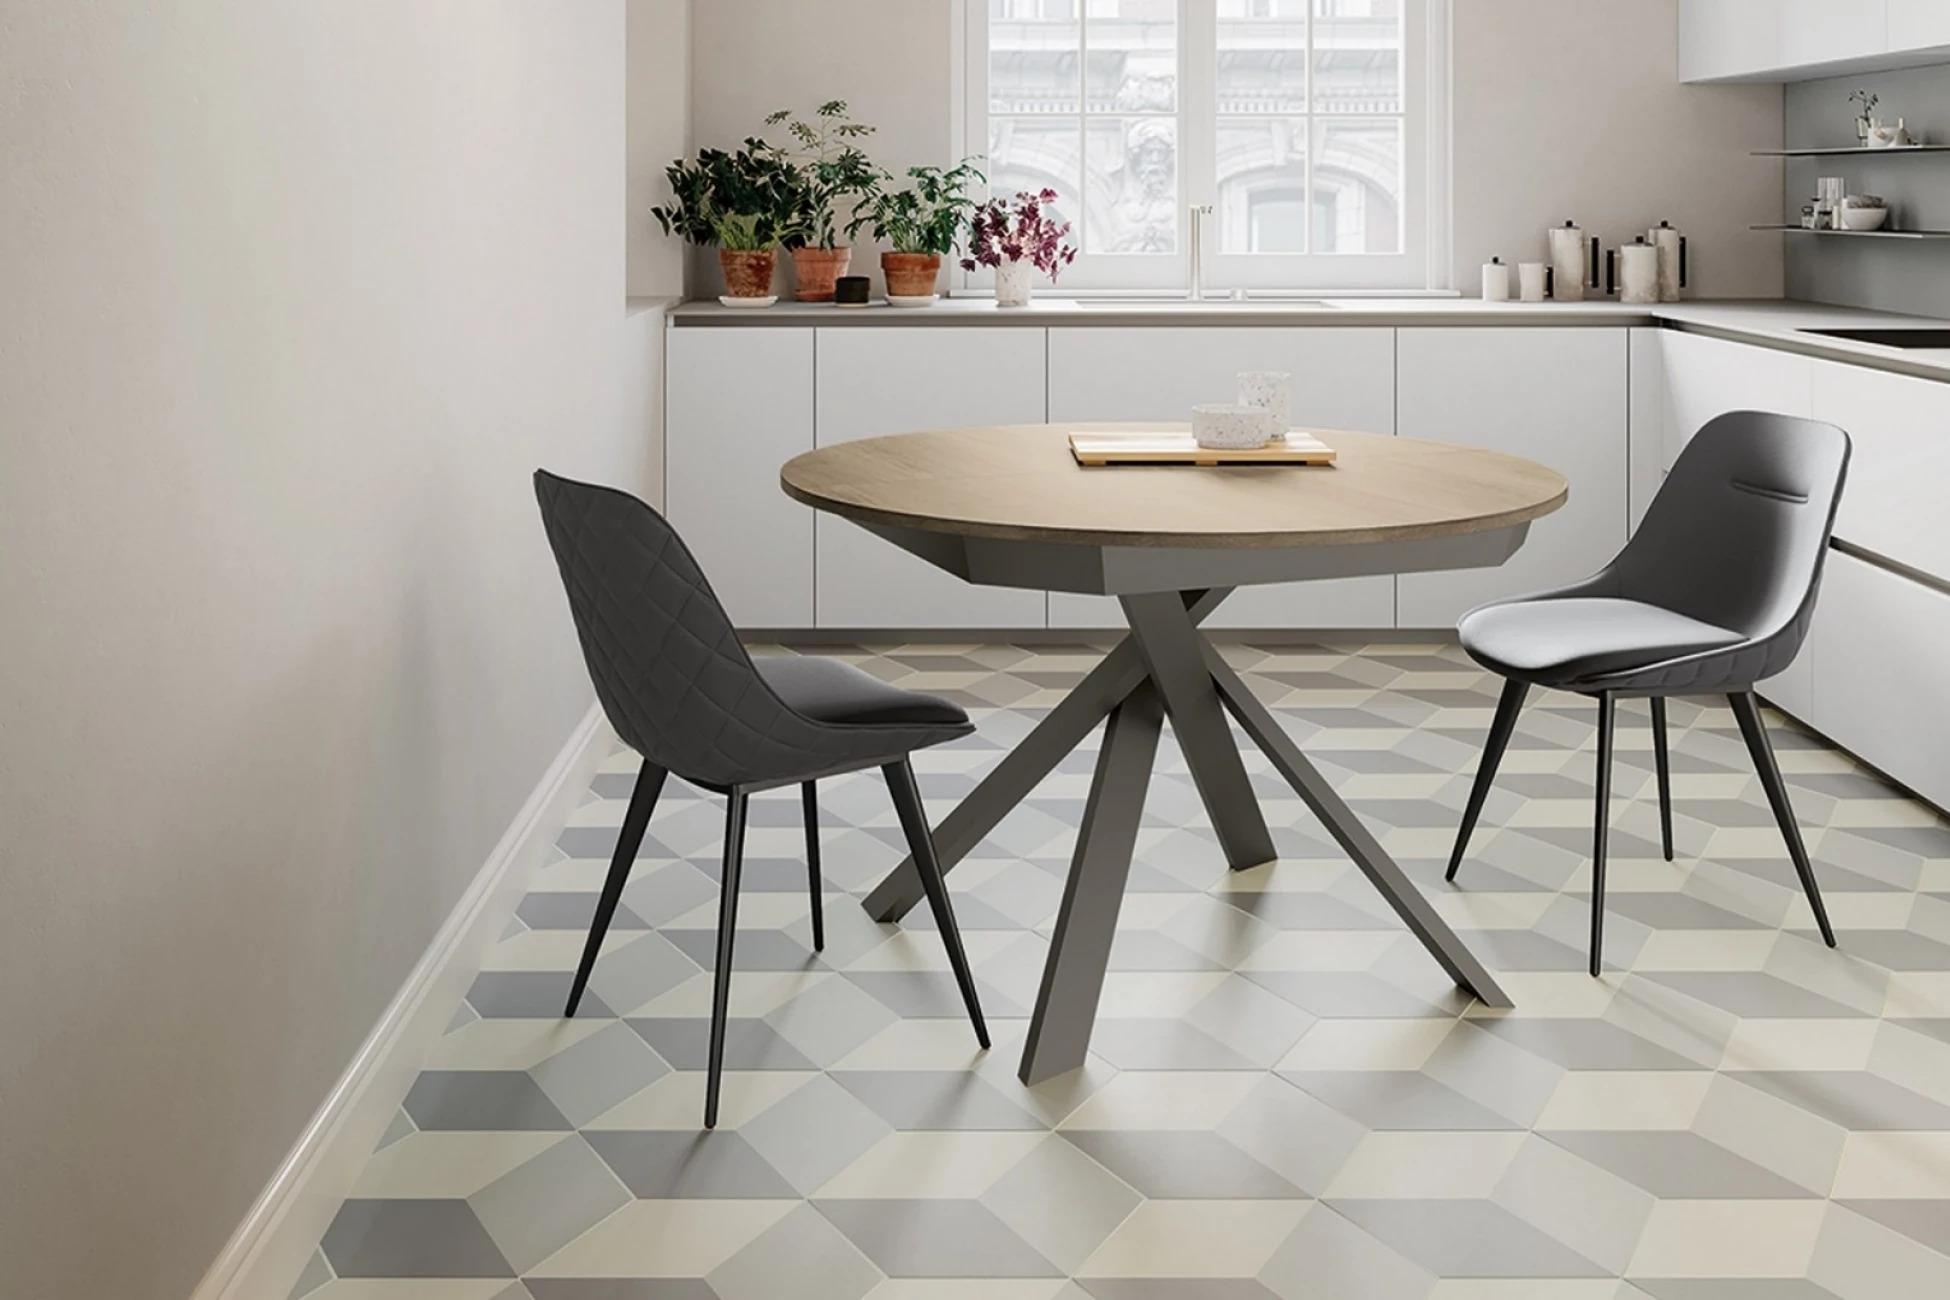 Итальянский стол TWIST и стулья от Arredo3